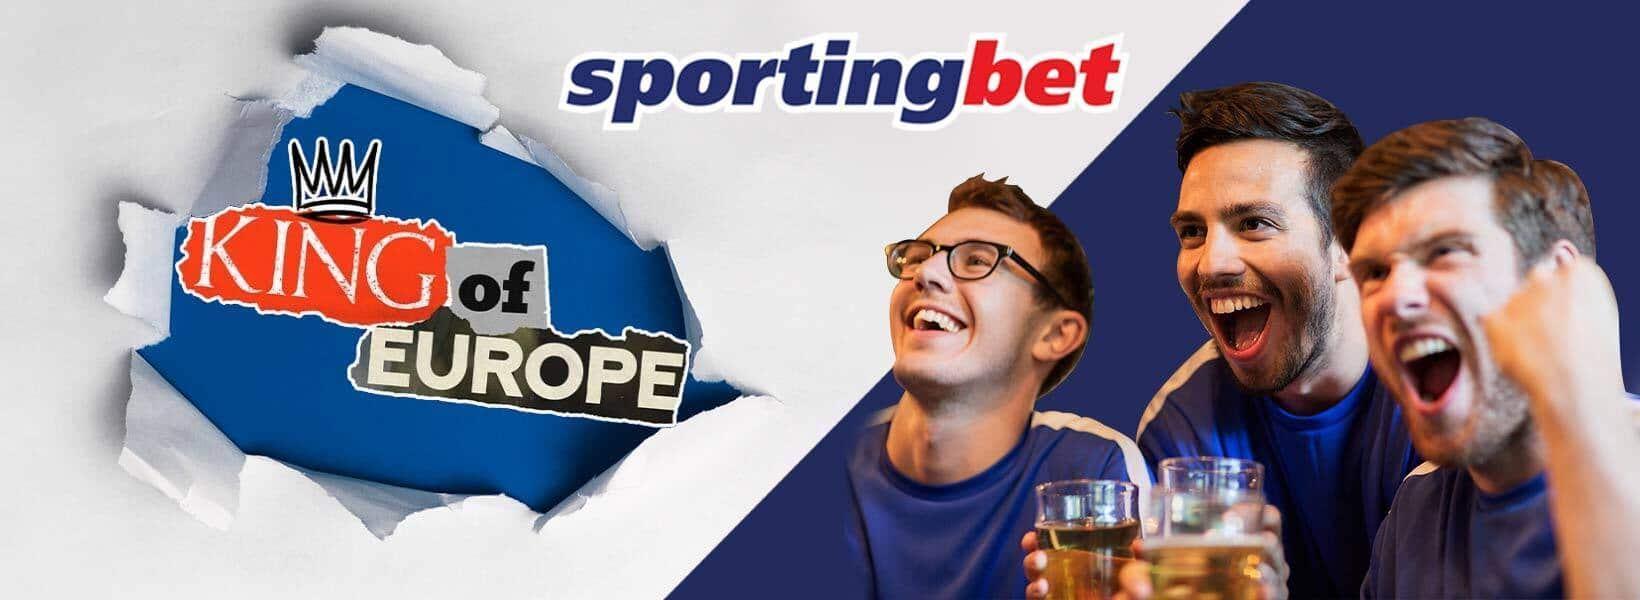 promotie sportingbet concurs cu premii